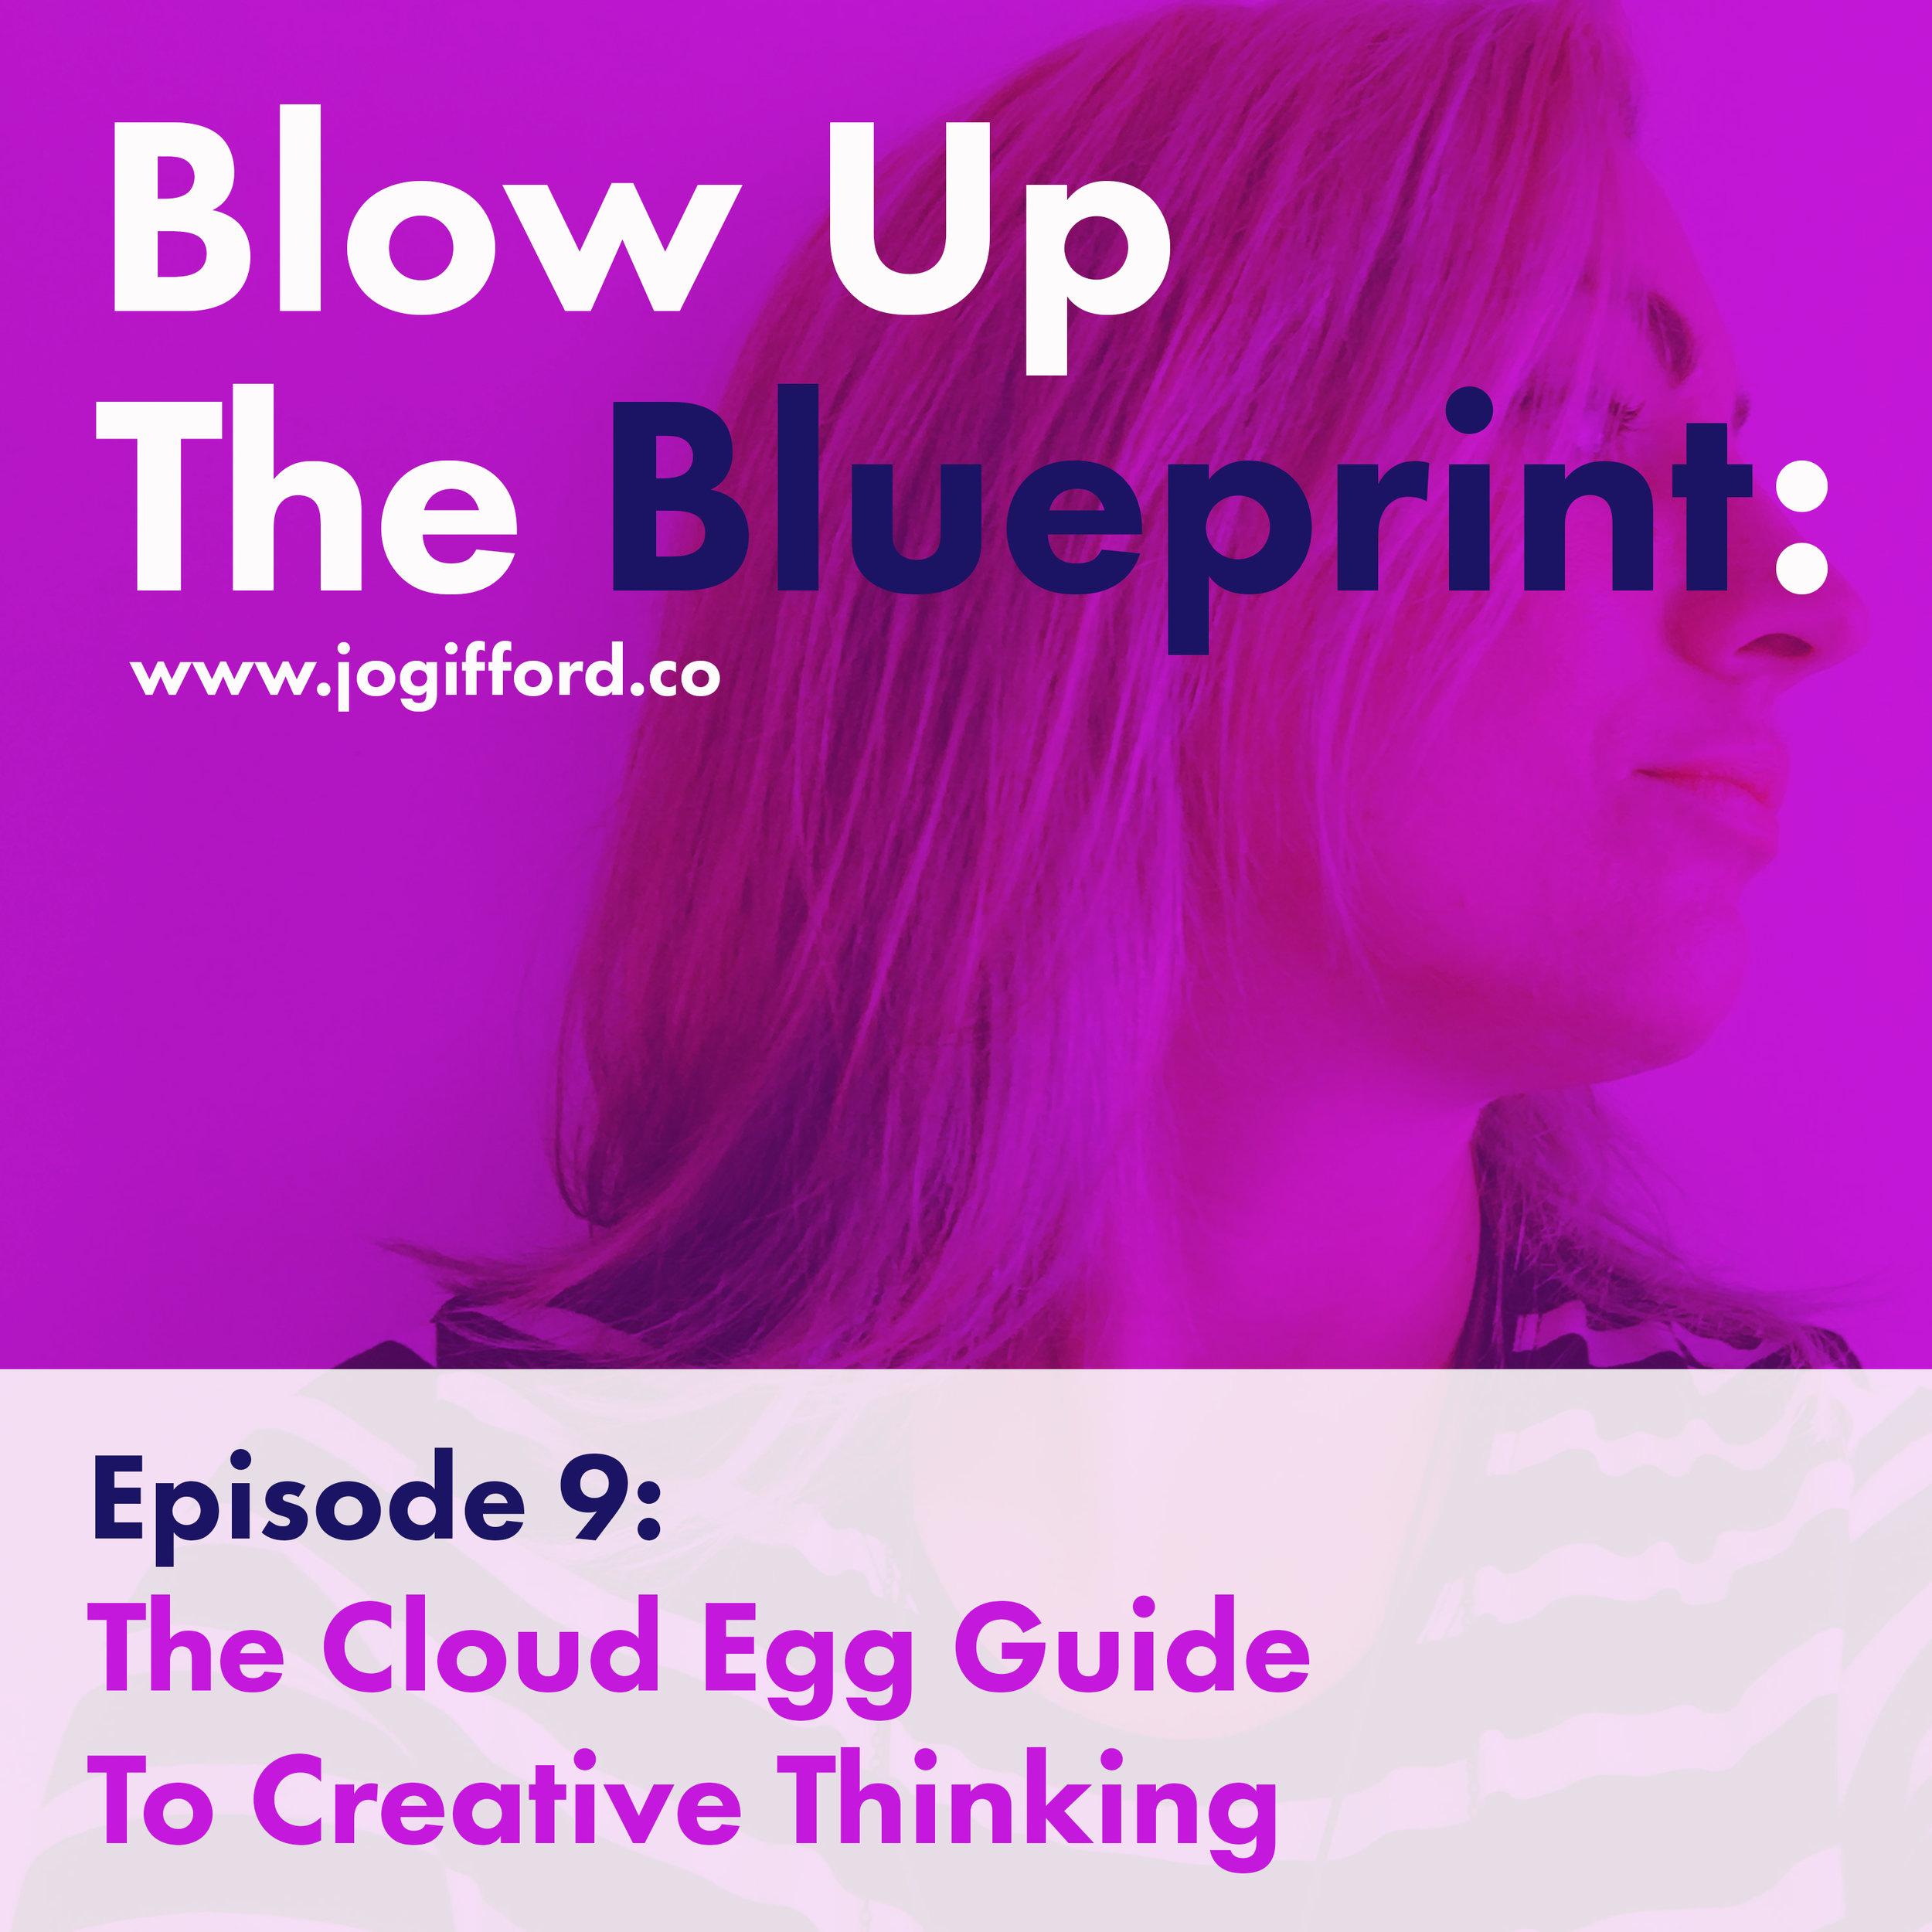 jo gifford creative thinking